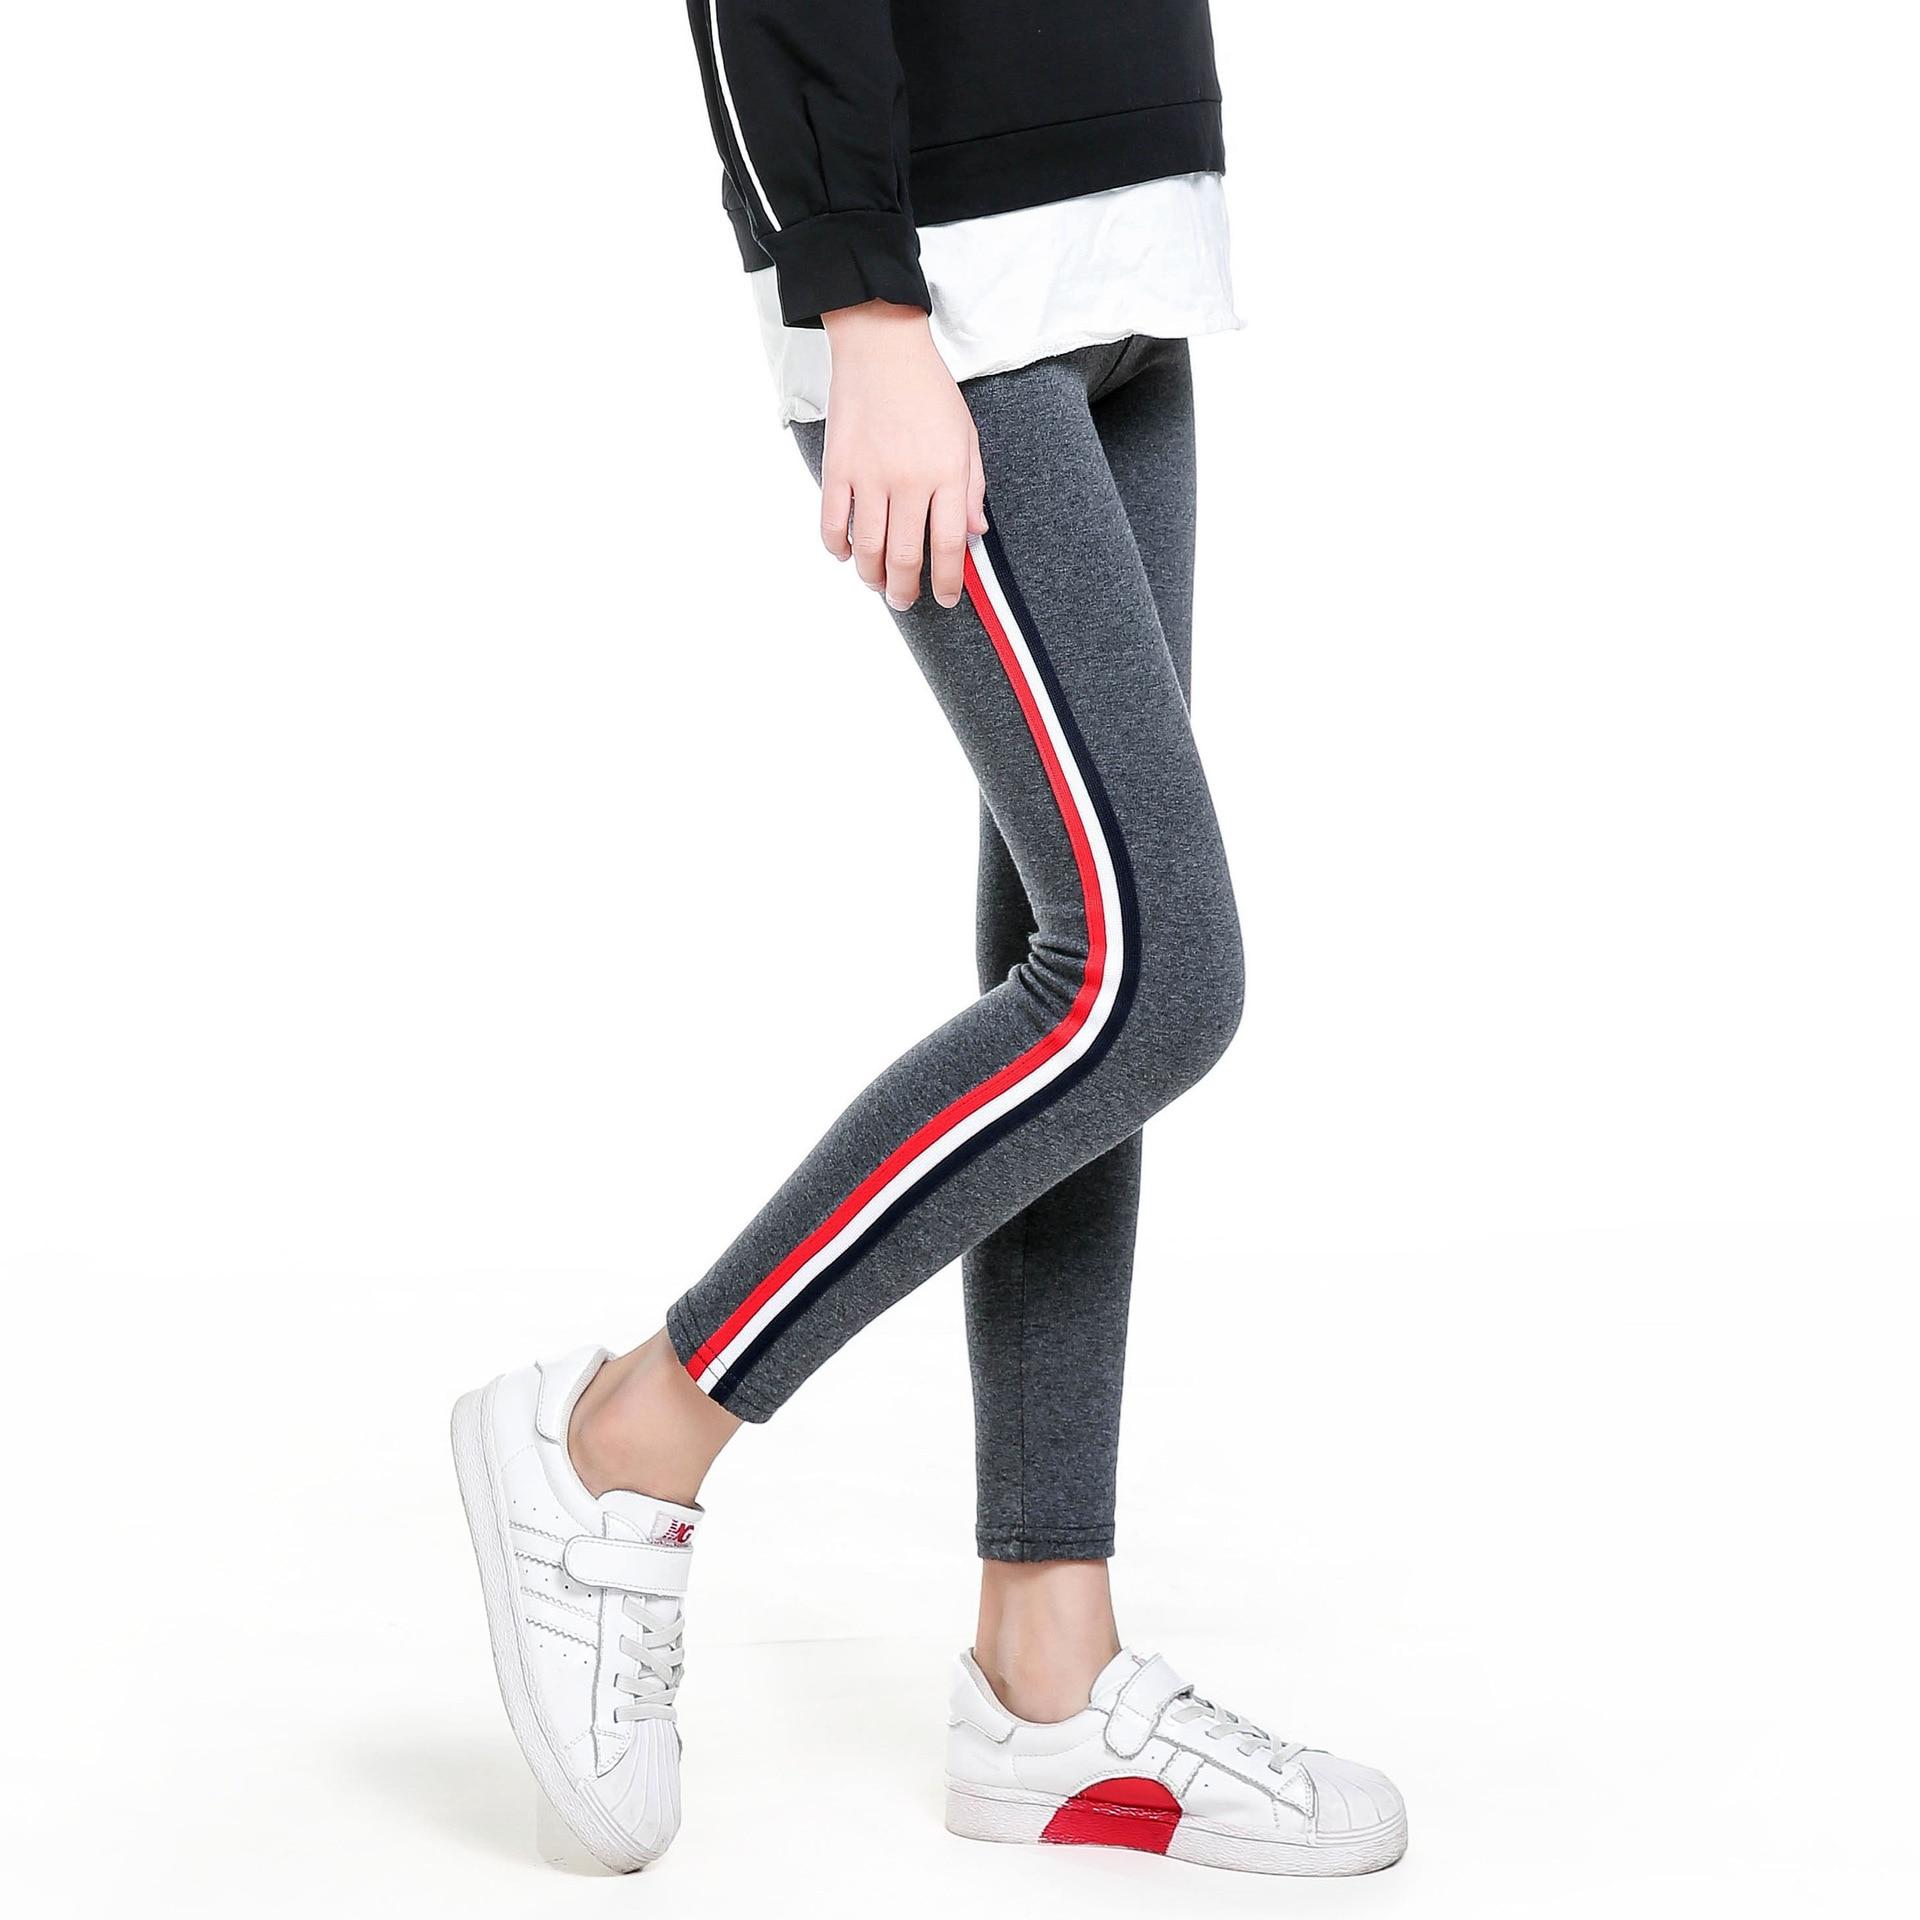 Girls in leggings teen United Airlines